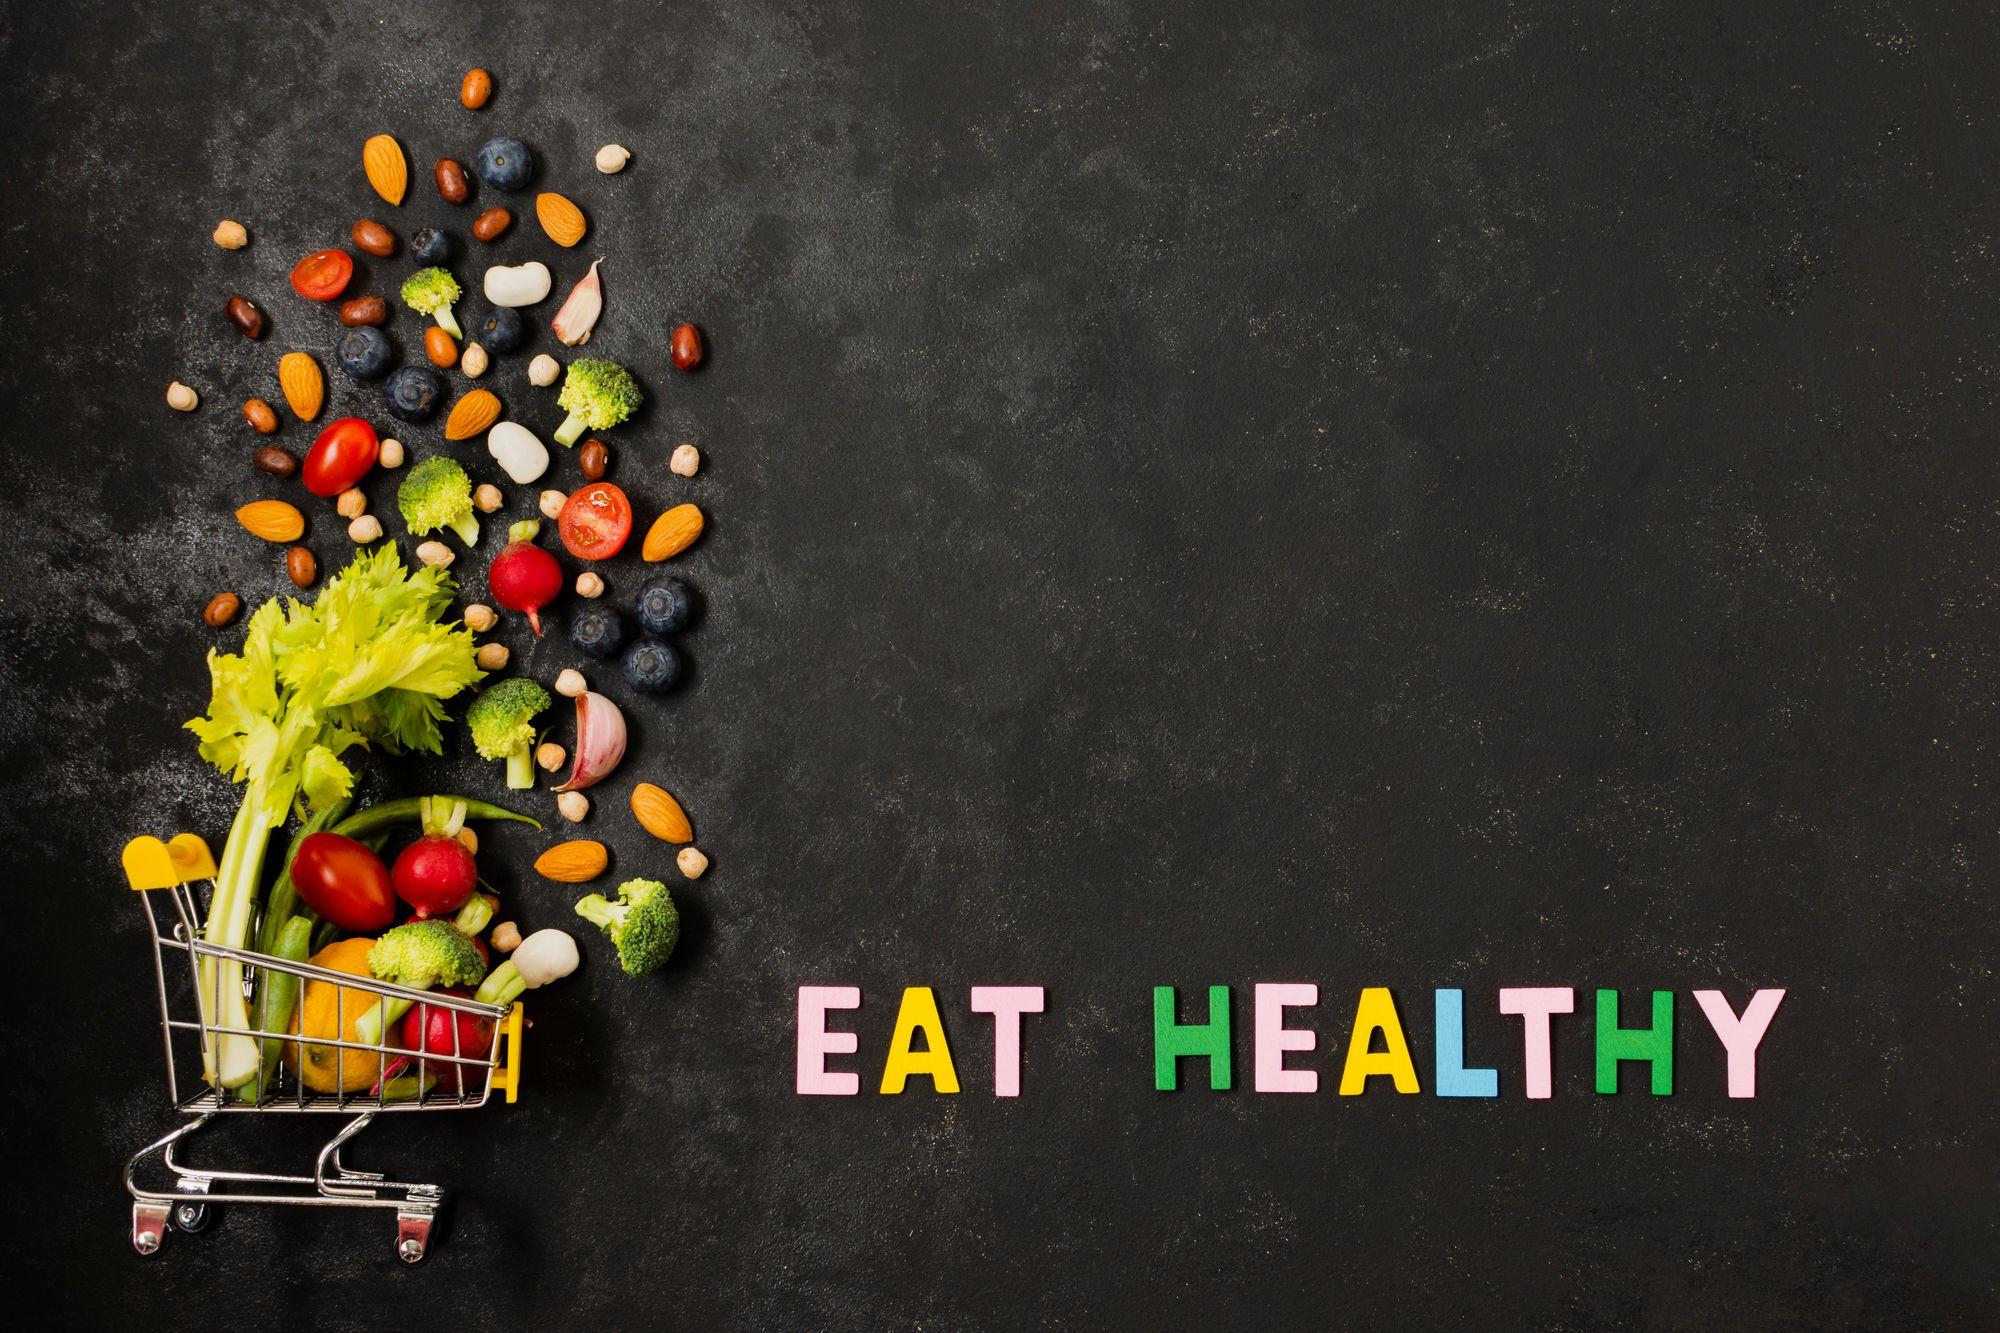 Coma saúde. (Reprodução/Freepik)